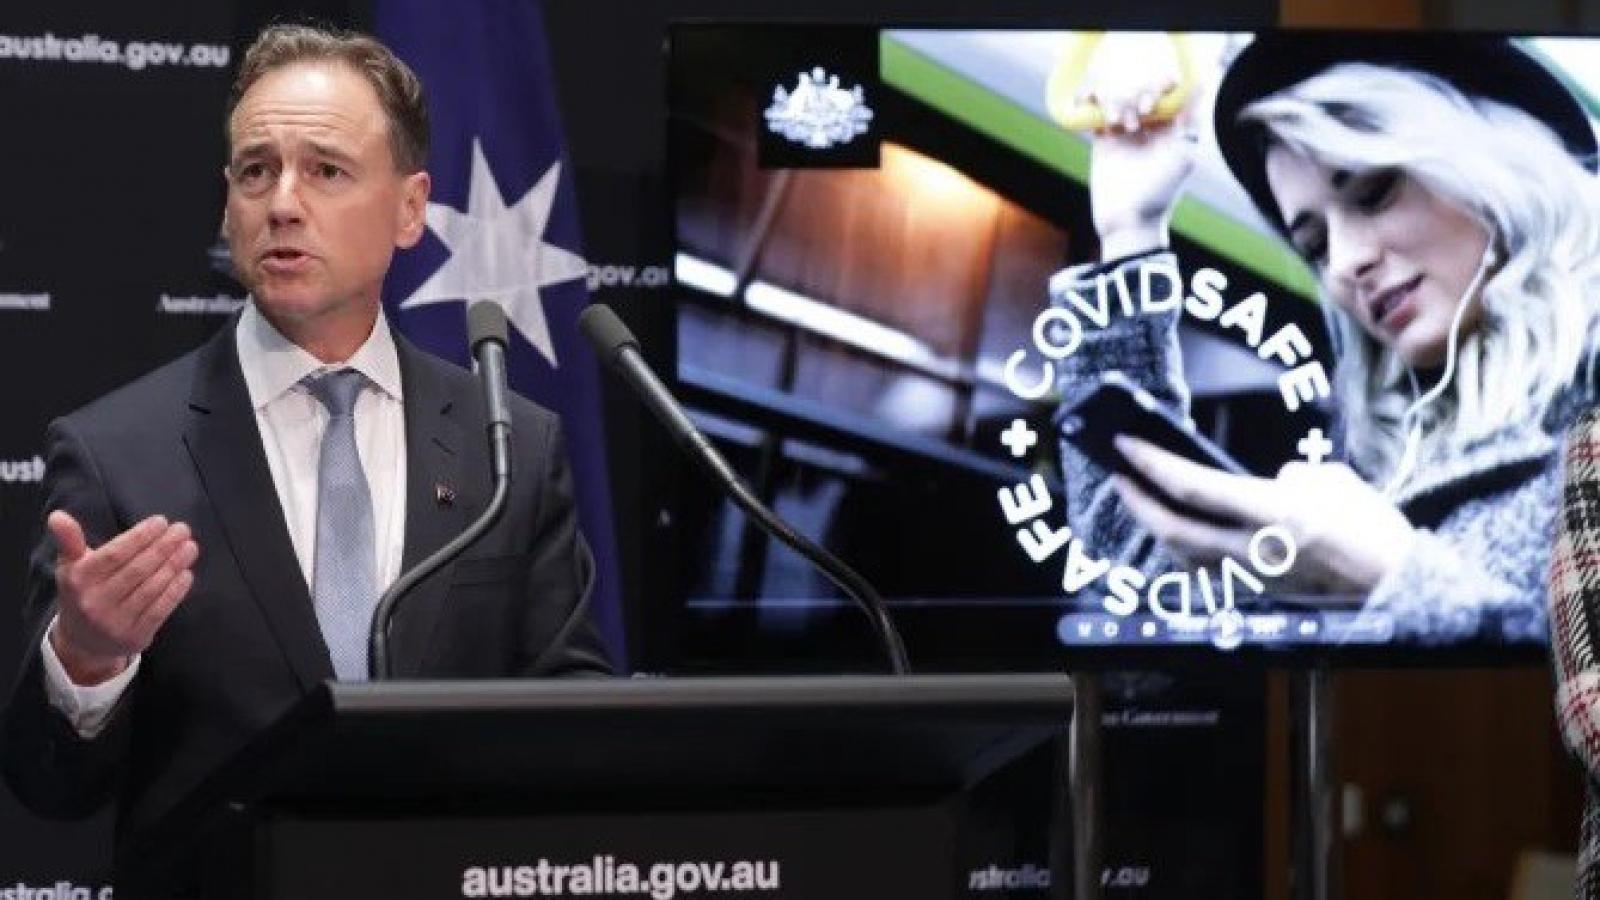 Australia ra mắt phần mềm ứng dụng truy vết người bị Covid-19